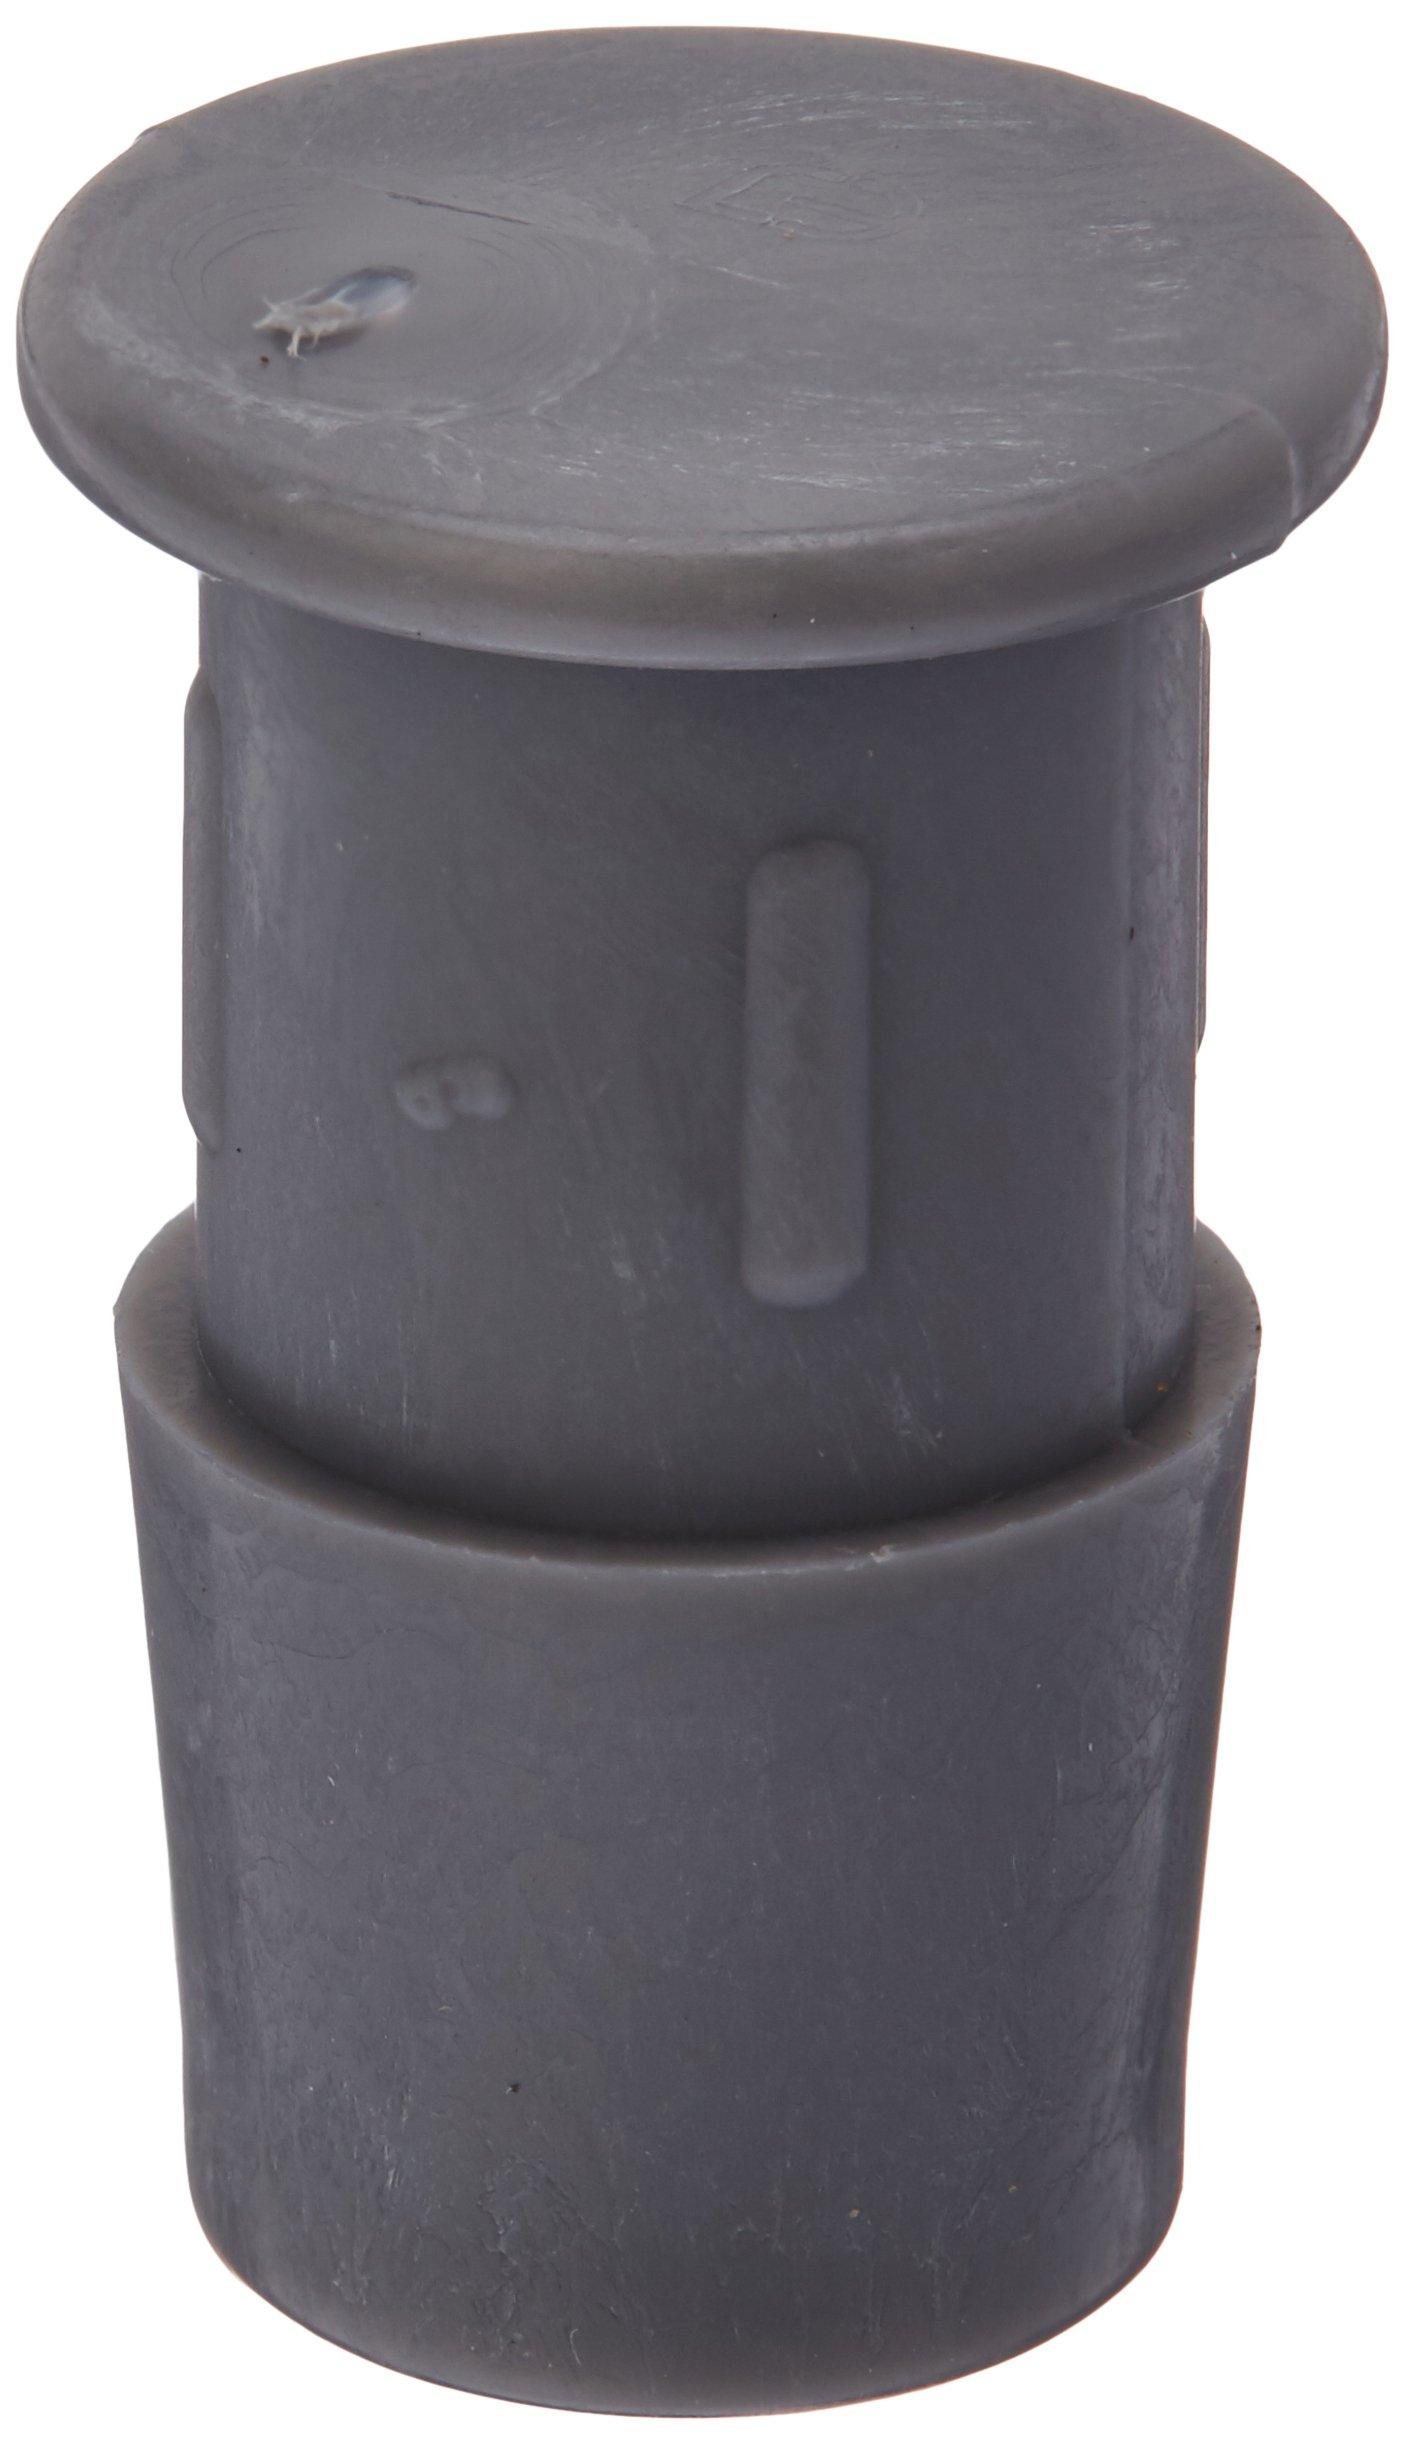 Eldon James P0-8PVDF P0-1NK Industrial Gray Kynar Barbed Insert Plug, 1/2'' Hose Barb (Pack of 10)